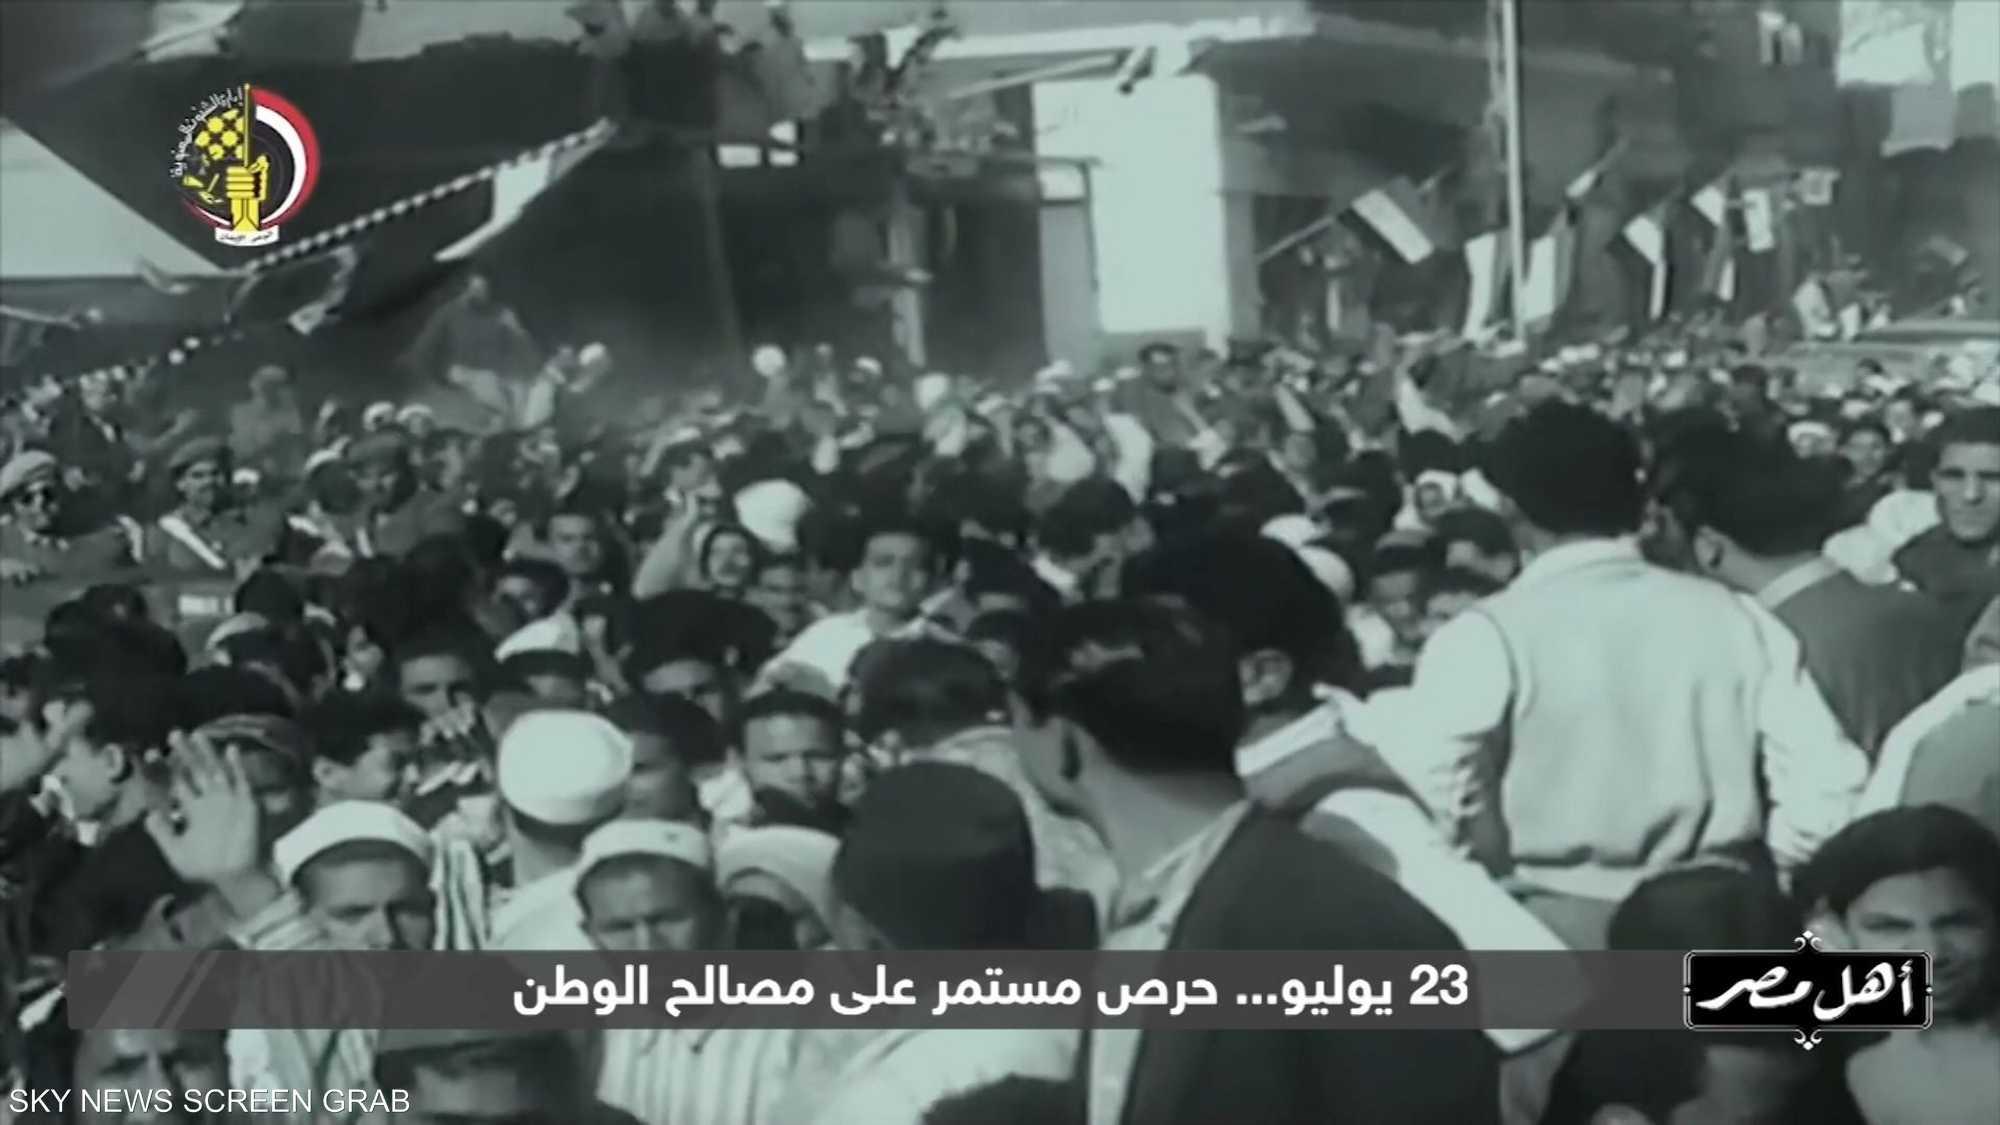 23 يوليو.. حرص مستمر على مصالح الوطن